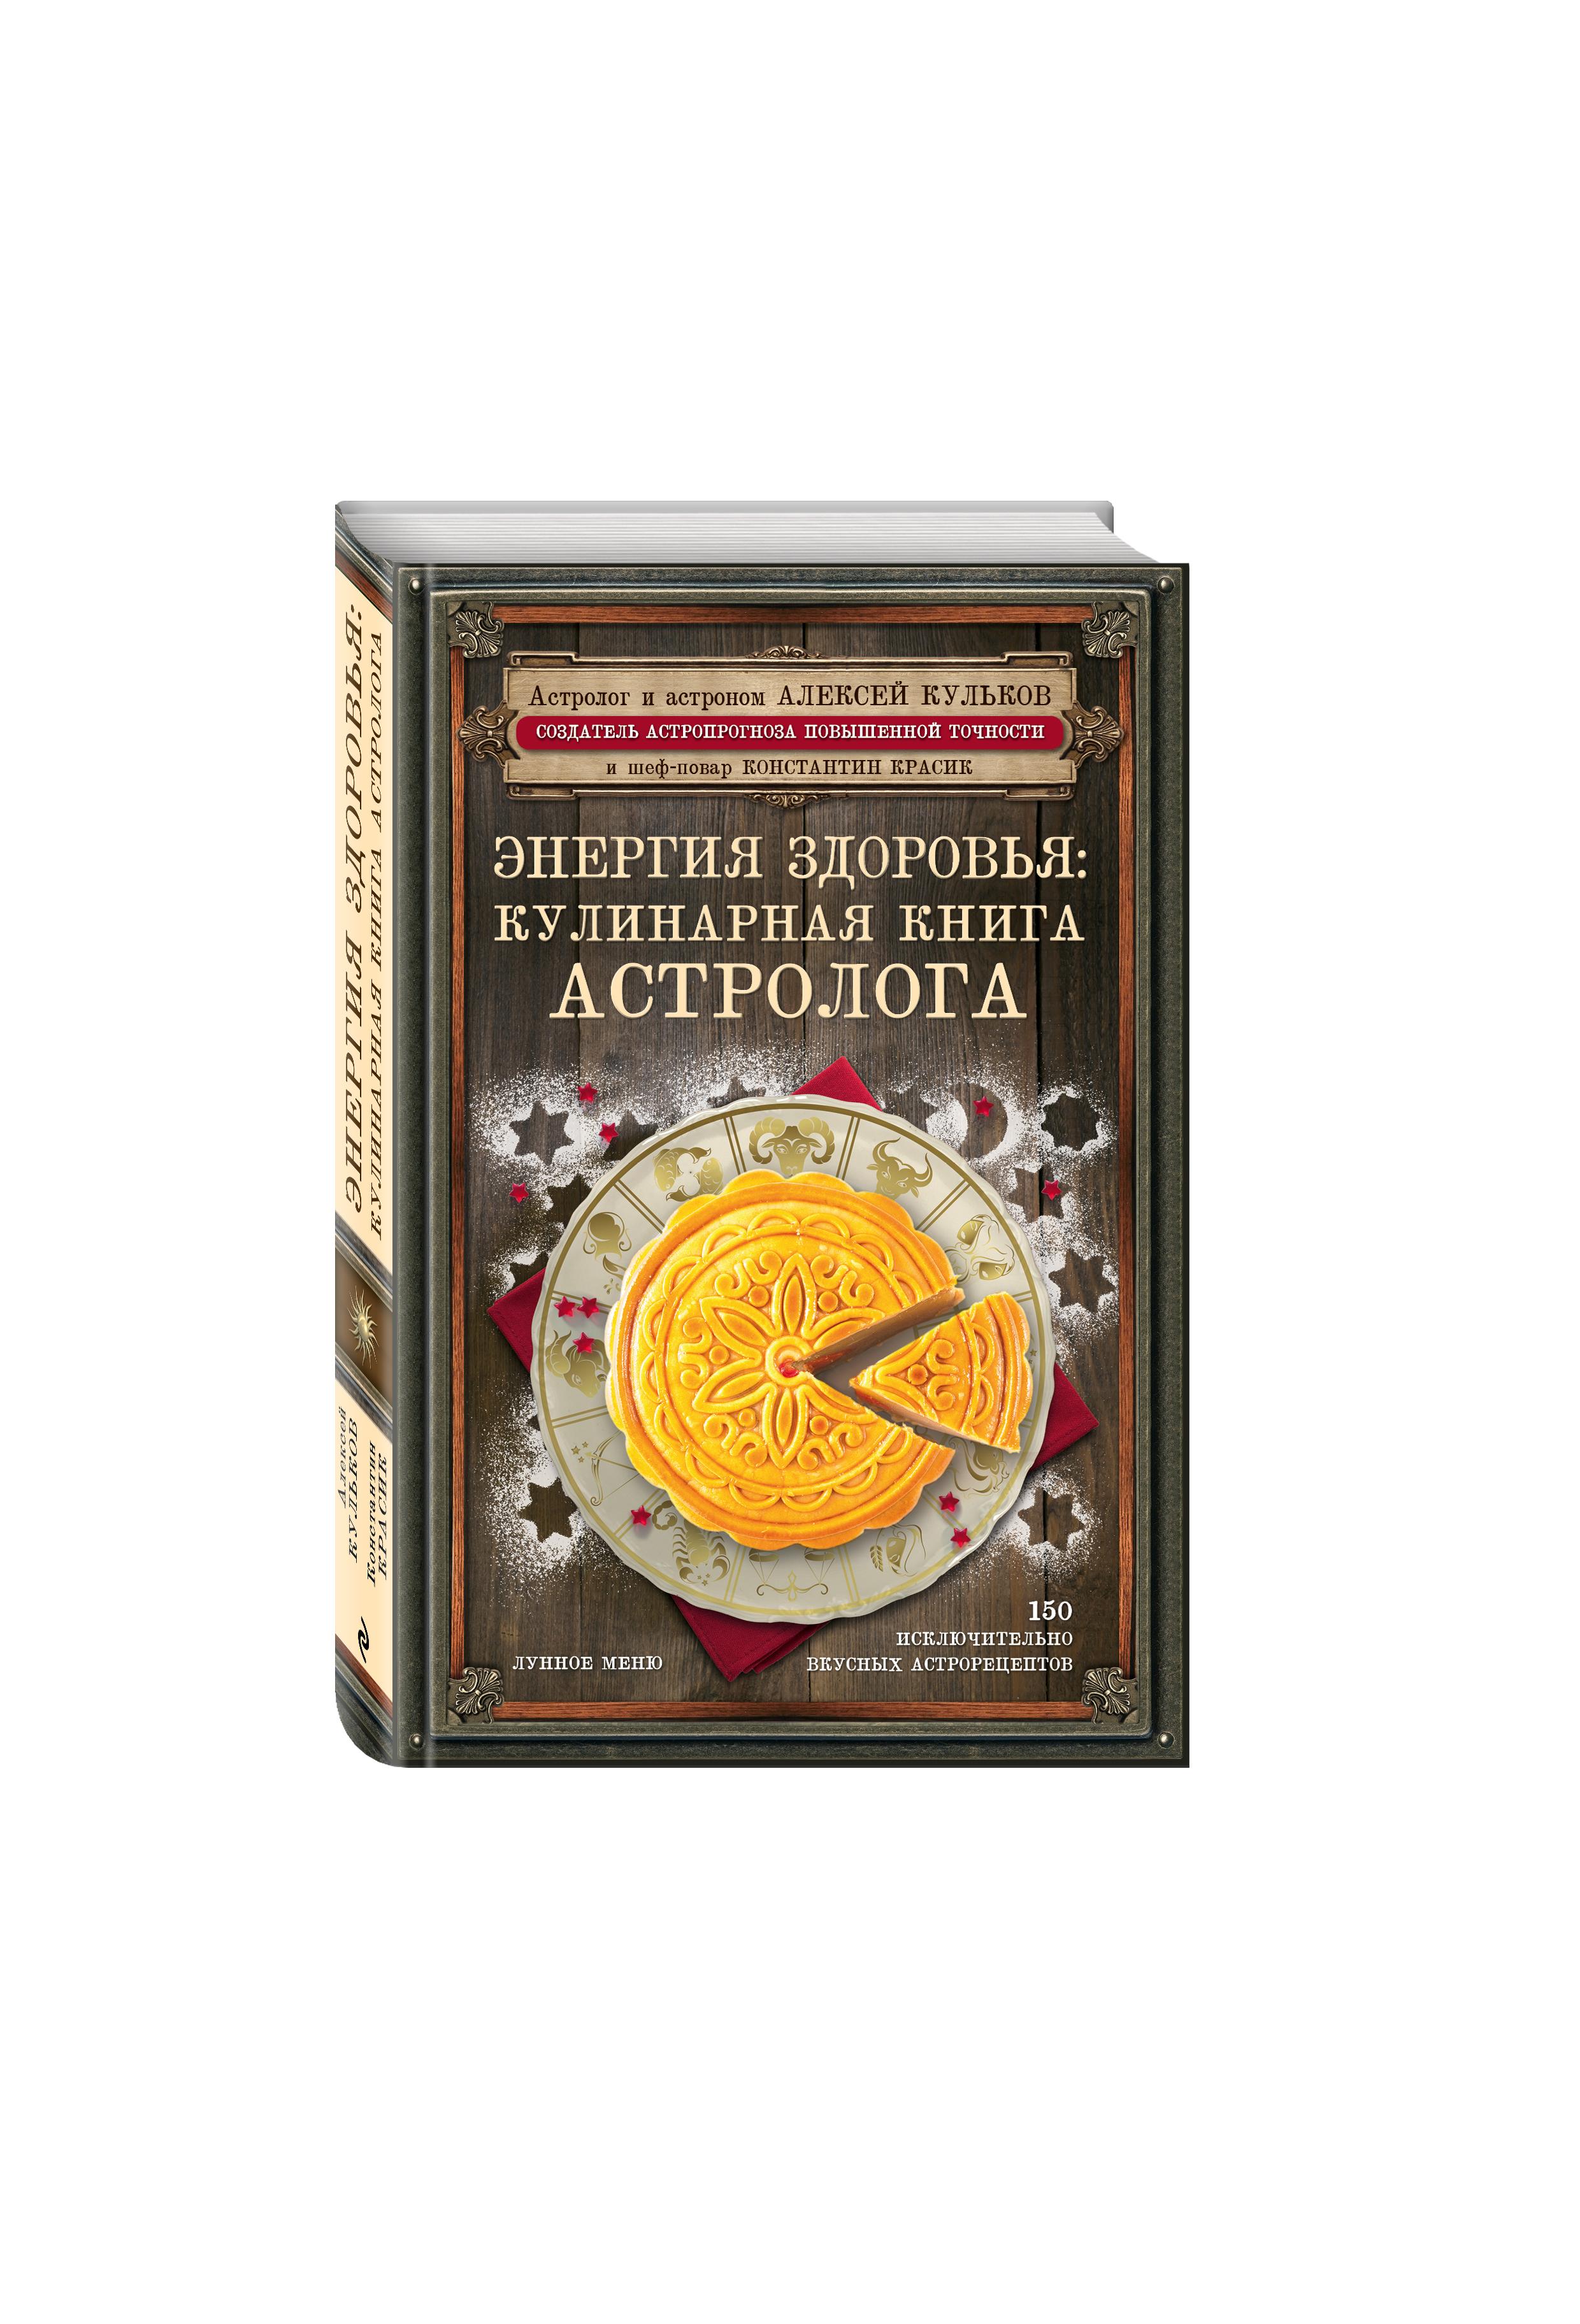 Энергия здоровья: кулинарная книга астролога от book24.ru